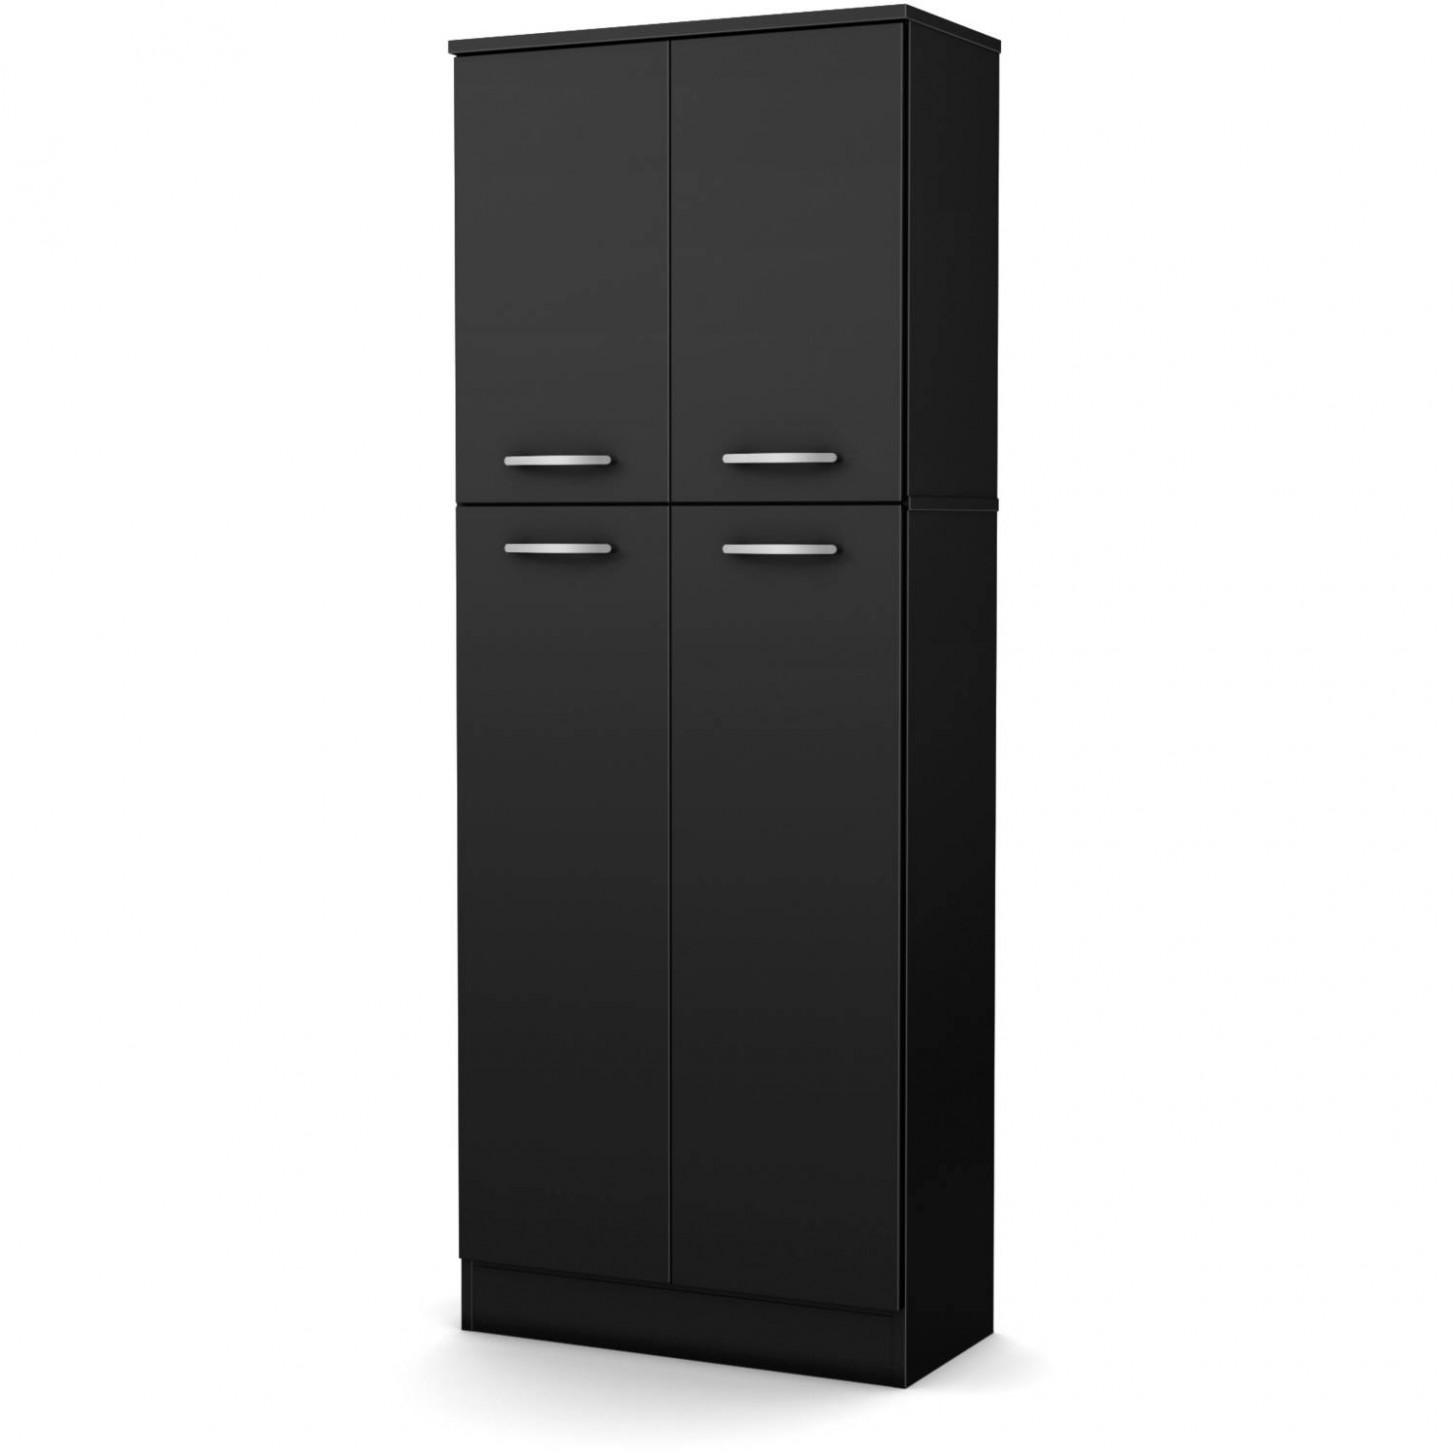 Details about Kitchen Pantry Storage Cabinet Tall 11-Shelf 11-Door Food  Organizer Wood Cupboard - Four Door Kitchen Cabinet